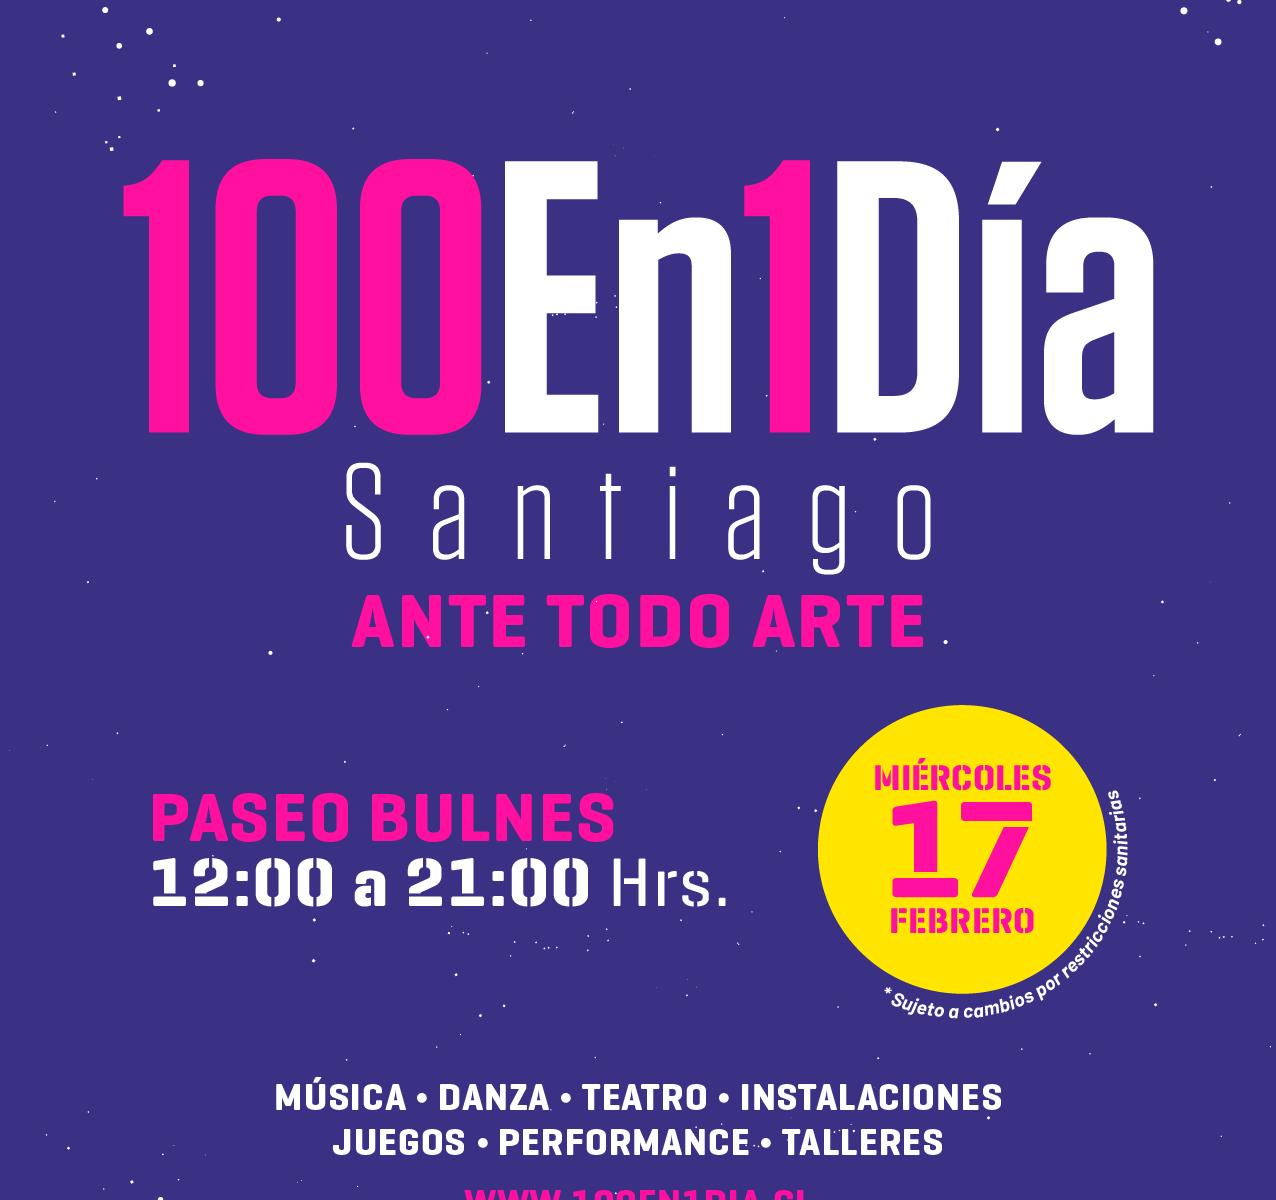 Festival de Intervenciones Urbanas 100 en 1 día Santiago